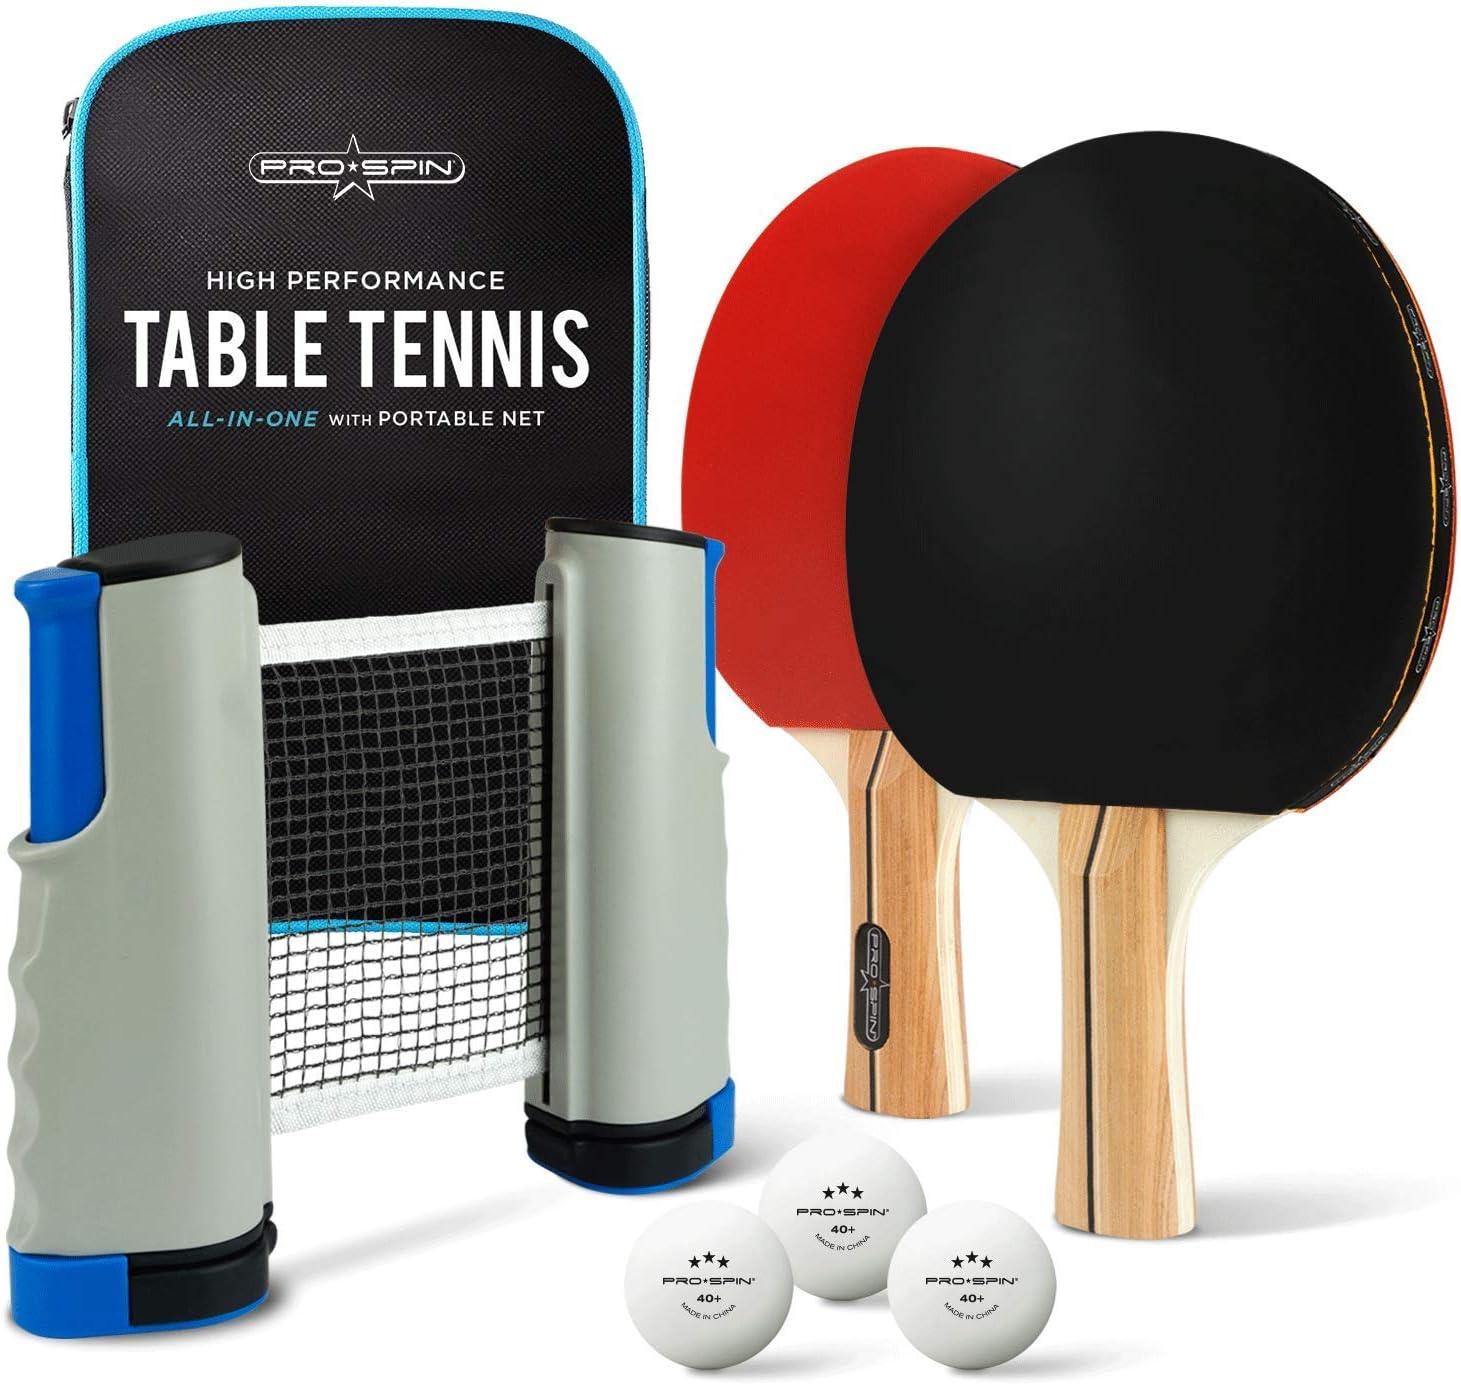 PRO SPIN - Juego de ping pong portátil para cualquier mesa, 2 palas de ping pong, 3 bolas blancas de 3 estrellas, caja de almacenamiento premium | Juego de tenis de mesa de calidad con red retráctil